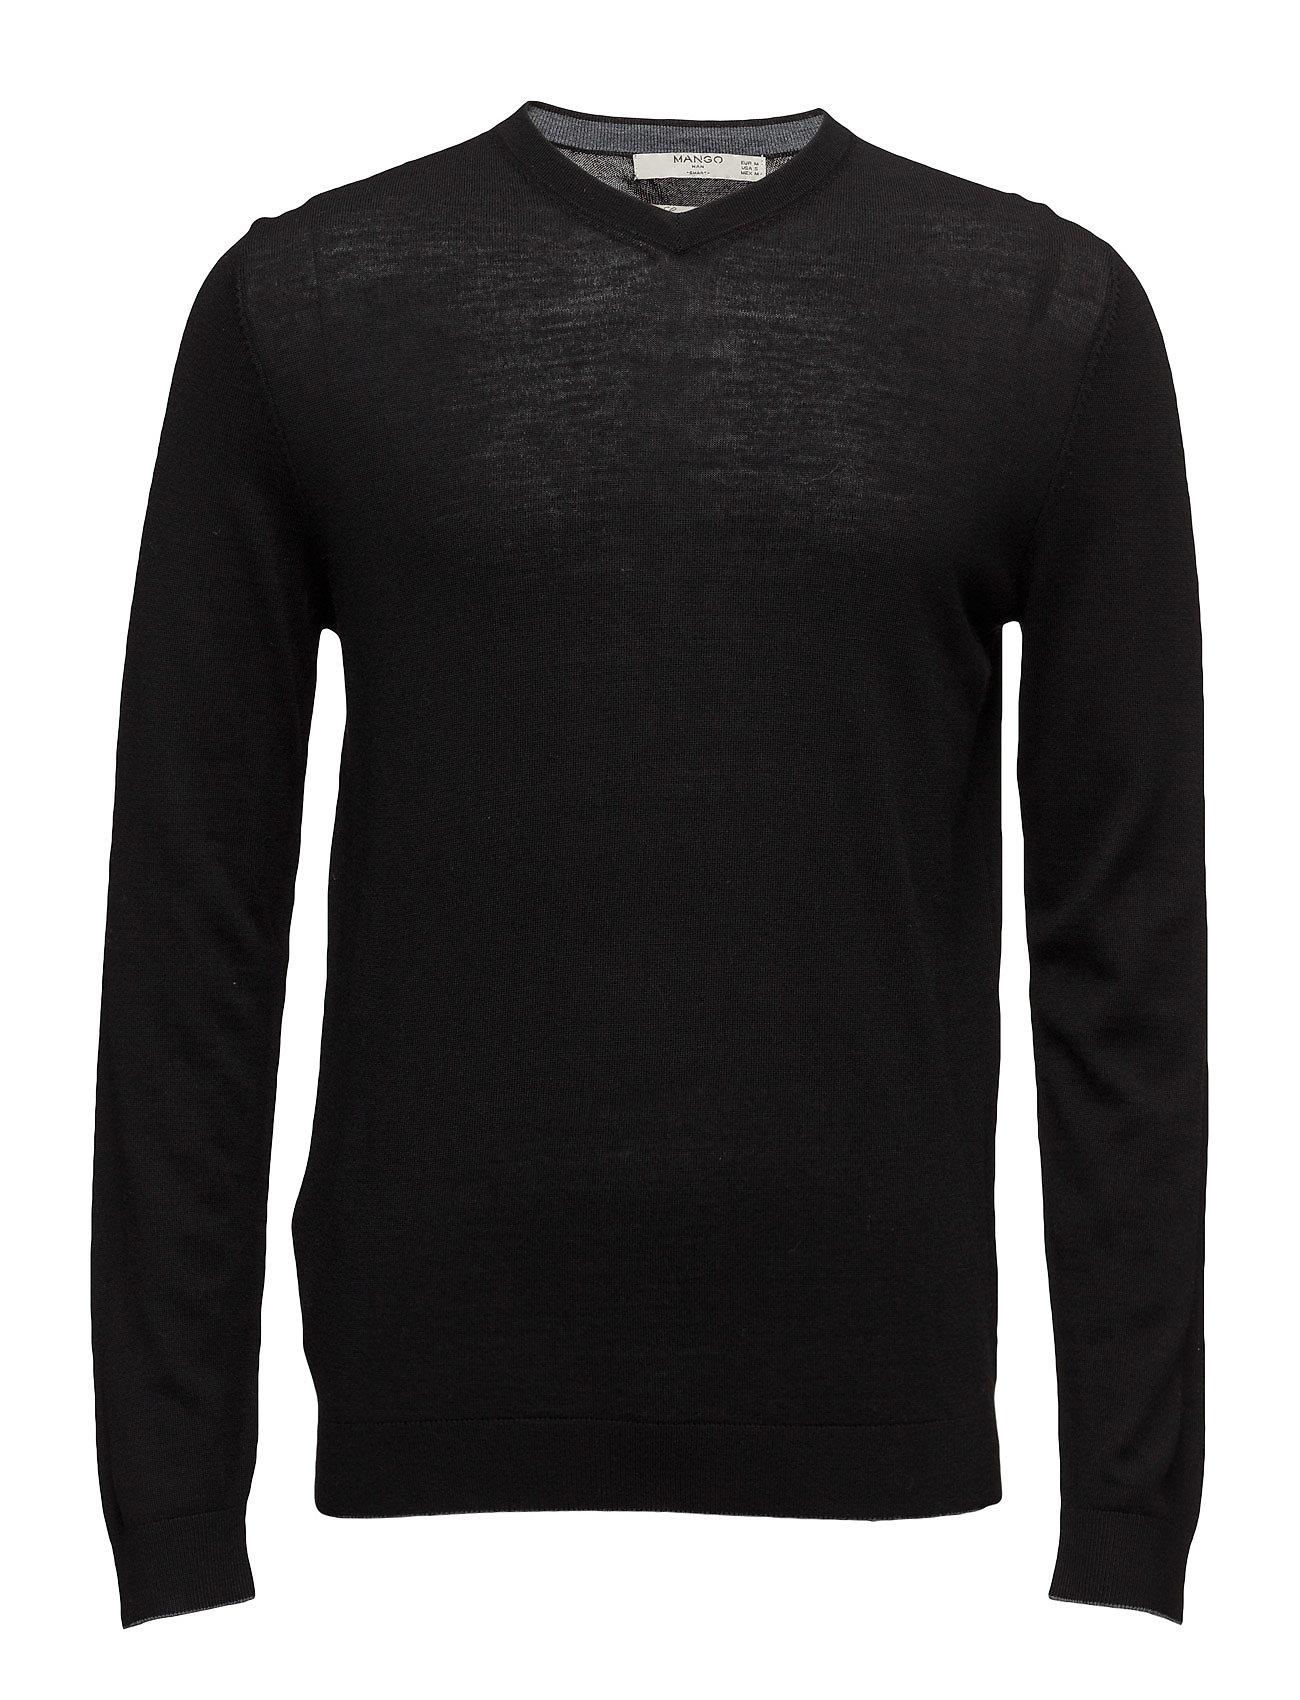 Wool-Blend Knit Sweater Mango Man V-halsede til Herrer i Sort